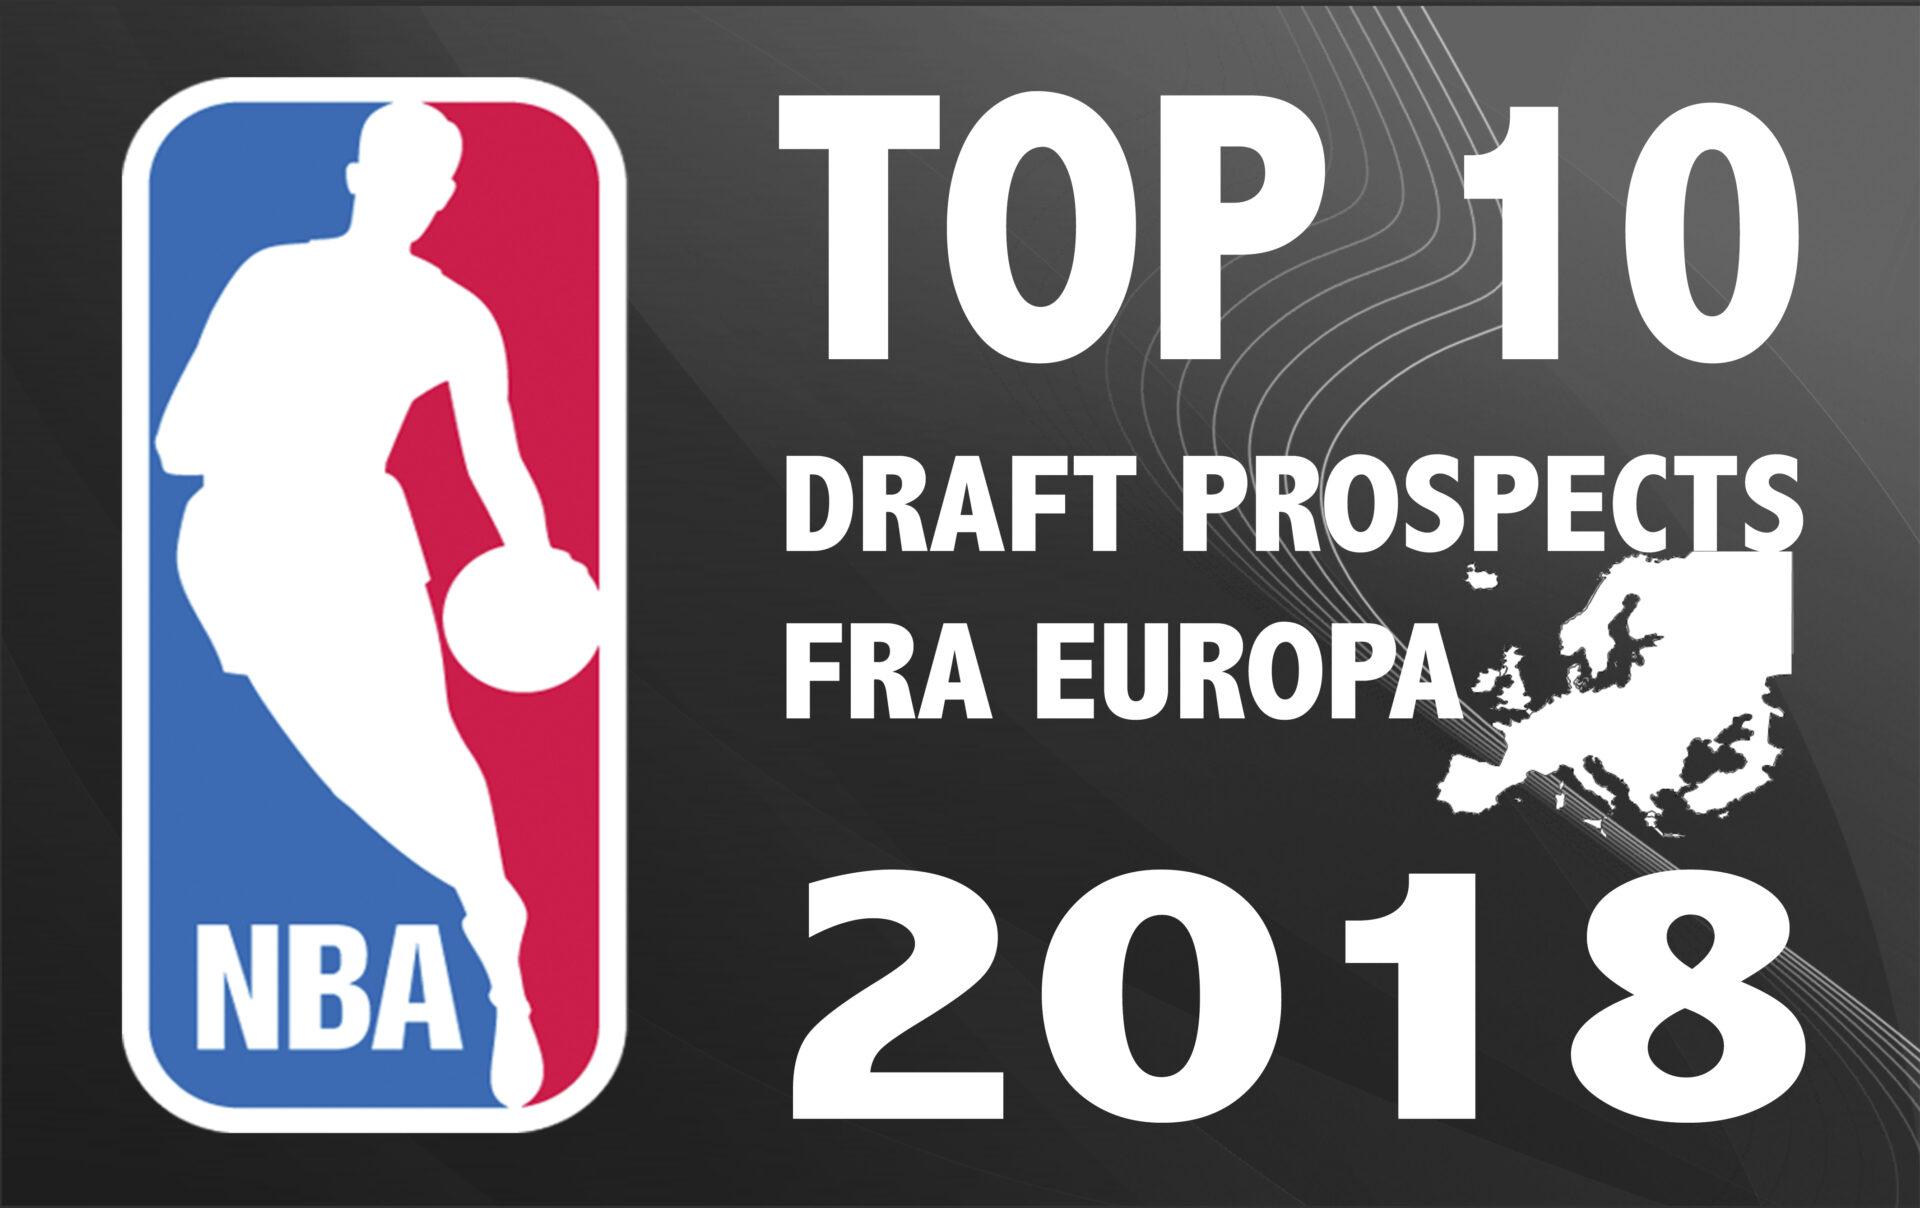 Årets største europæiske talenter i NBA-draften